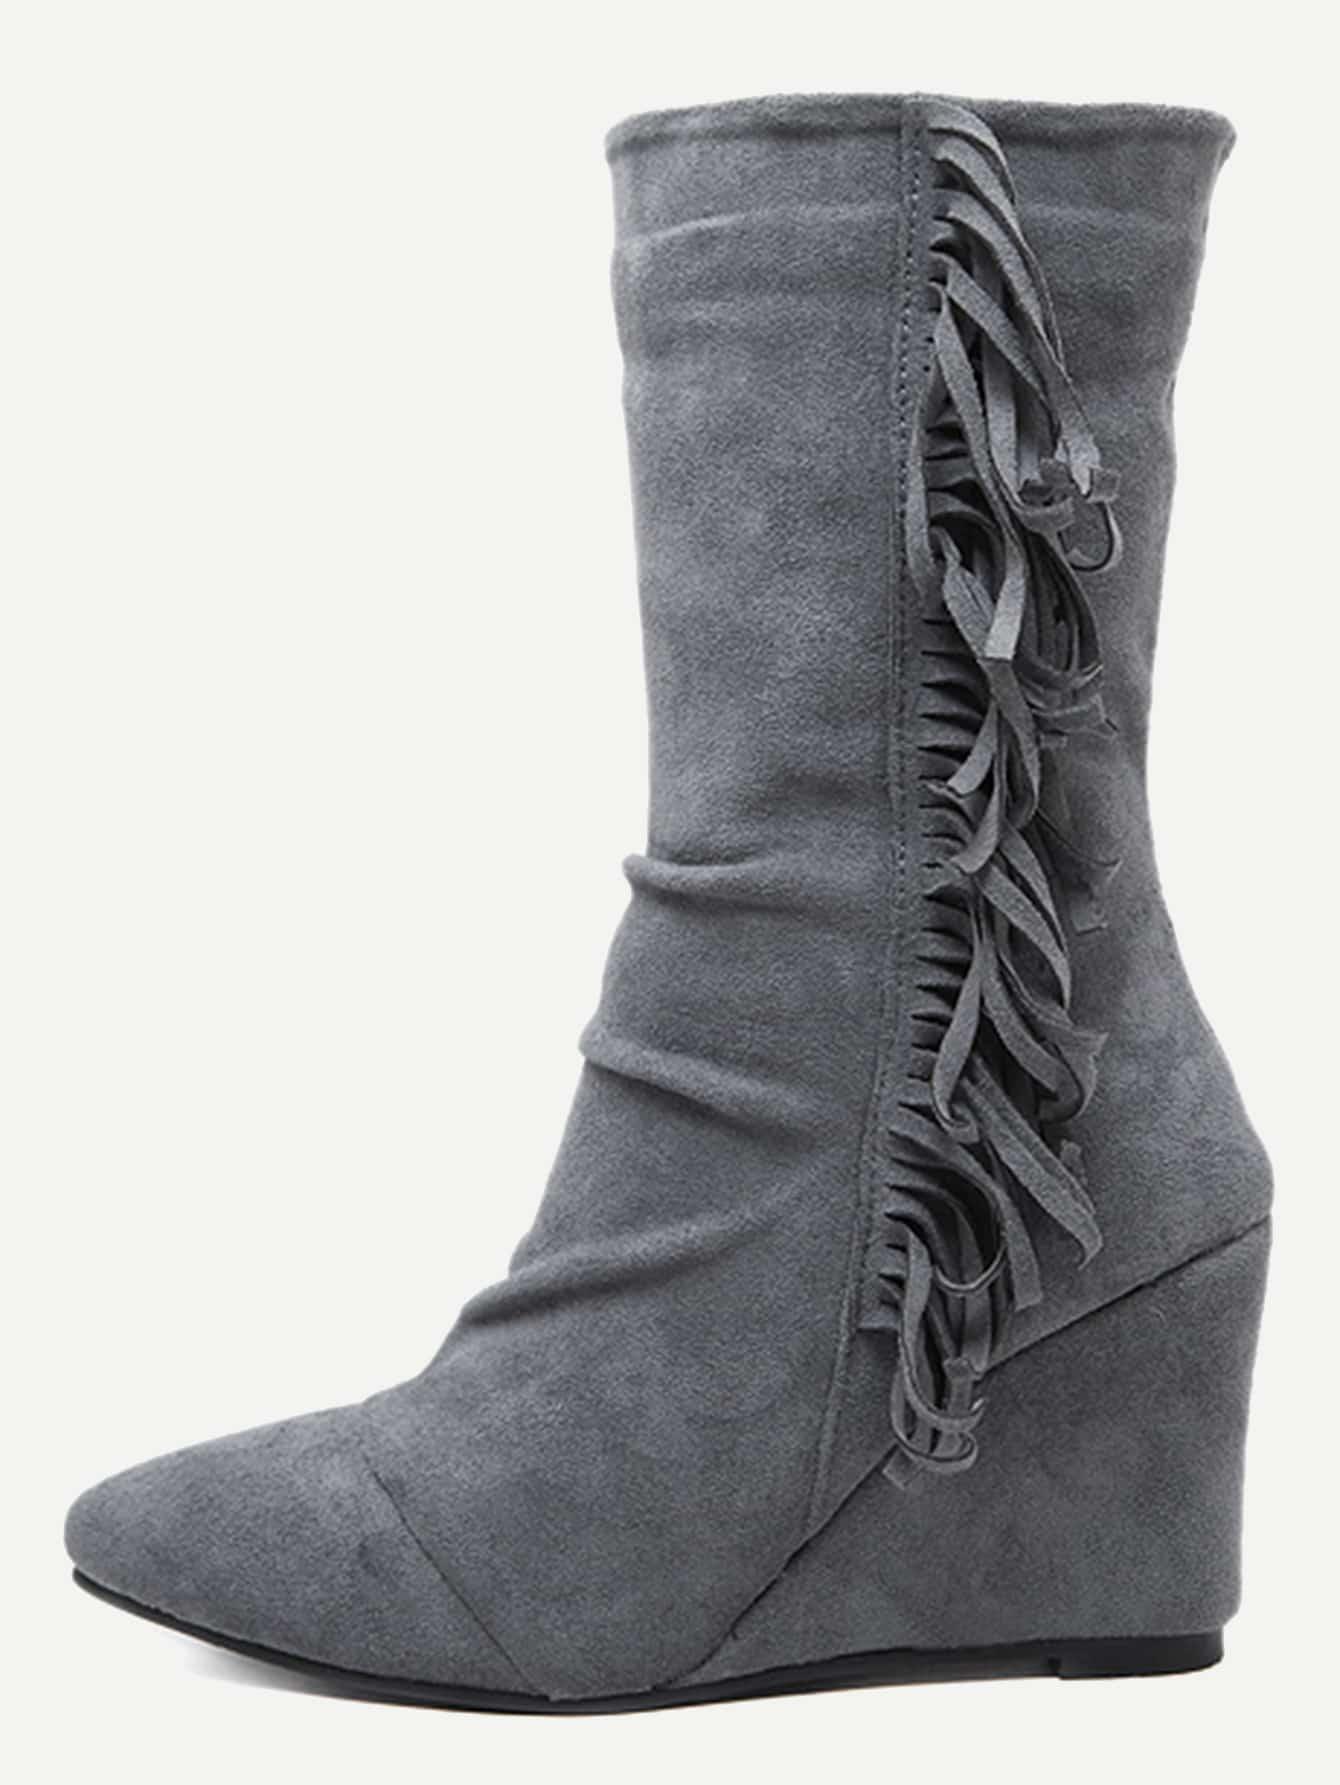 shoes161125805_2